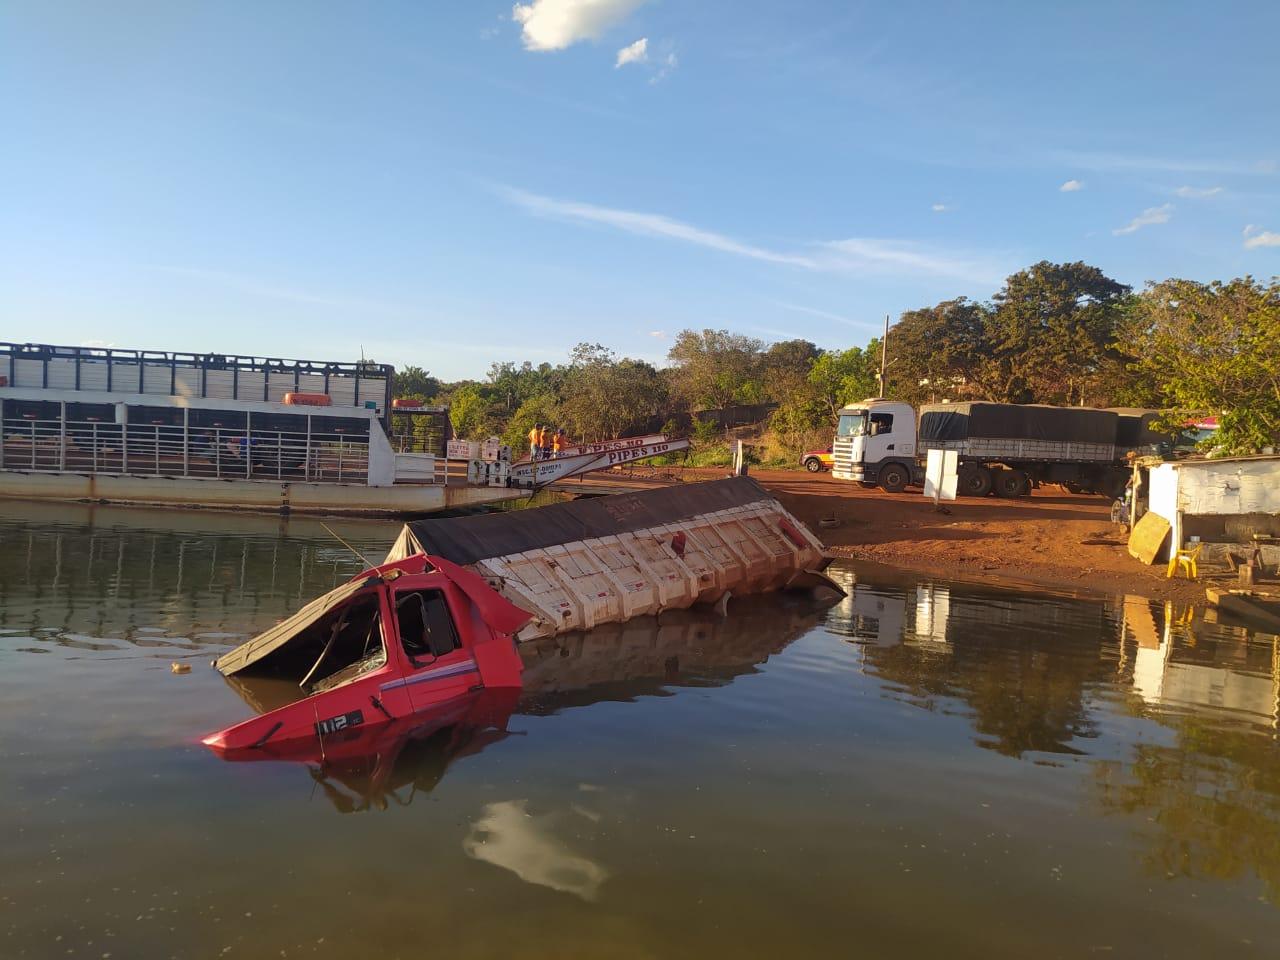 Corpo de Bombeiros atende ocorrência de veículo parcialmente submerso próximo à balsa de Porto Nacional